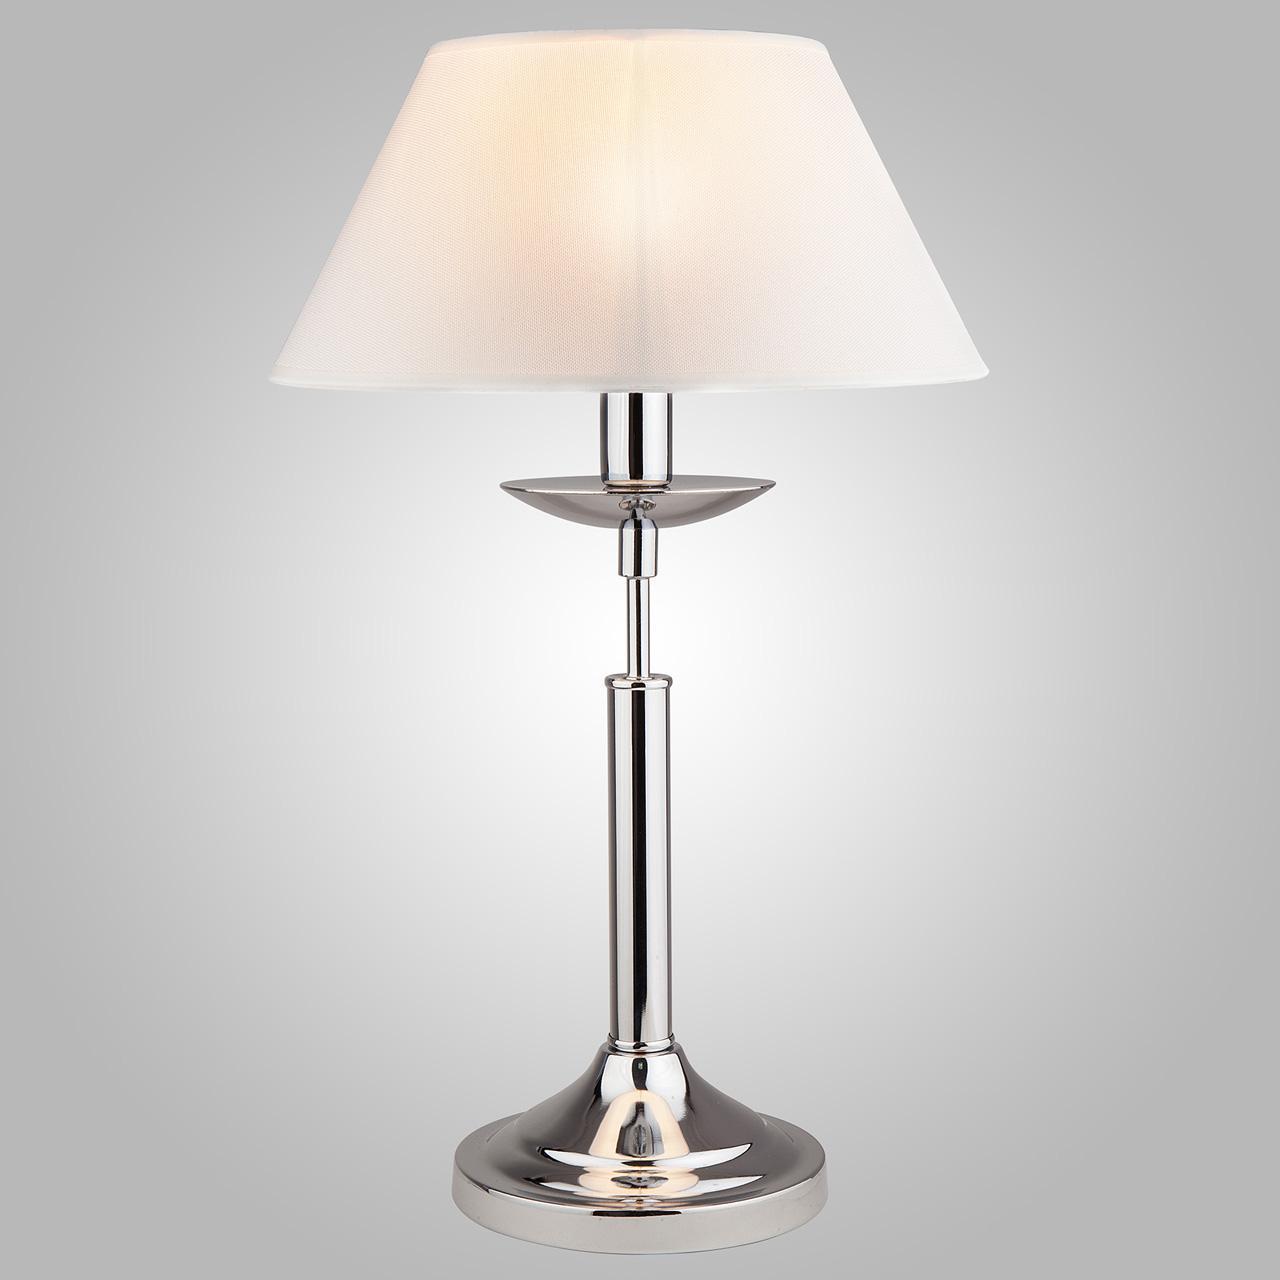 Настольная лампа Eurosvet Hotel 01010/1 хром цена